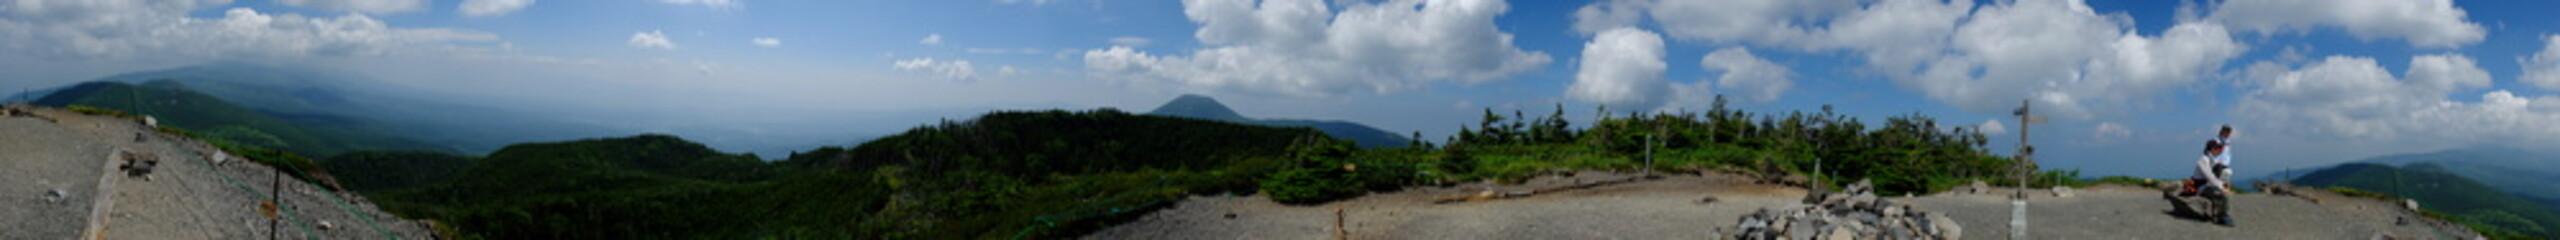 北横岳からの展望 パノラマ 頂上 山頂 展望